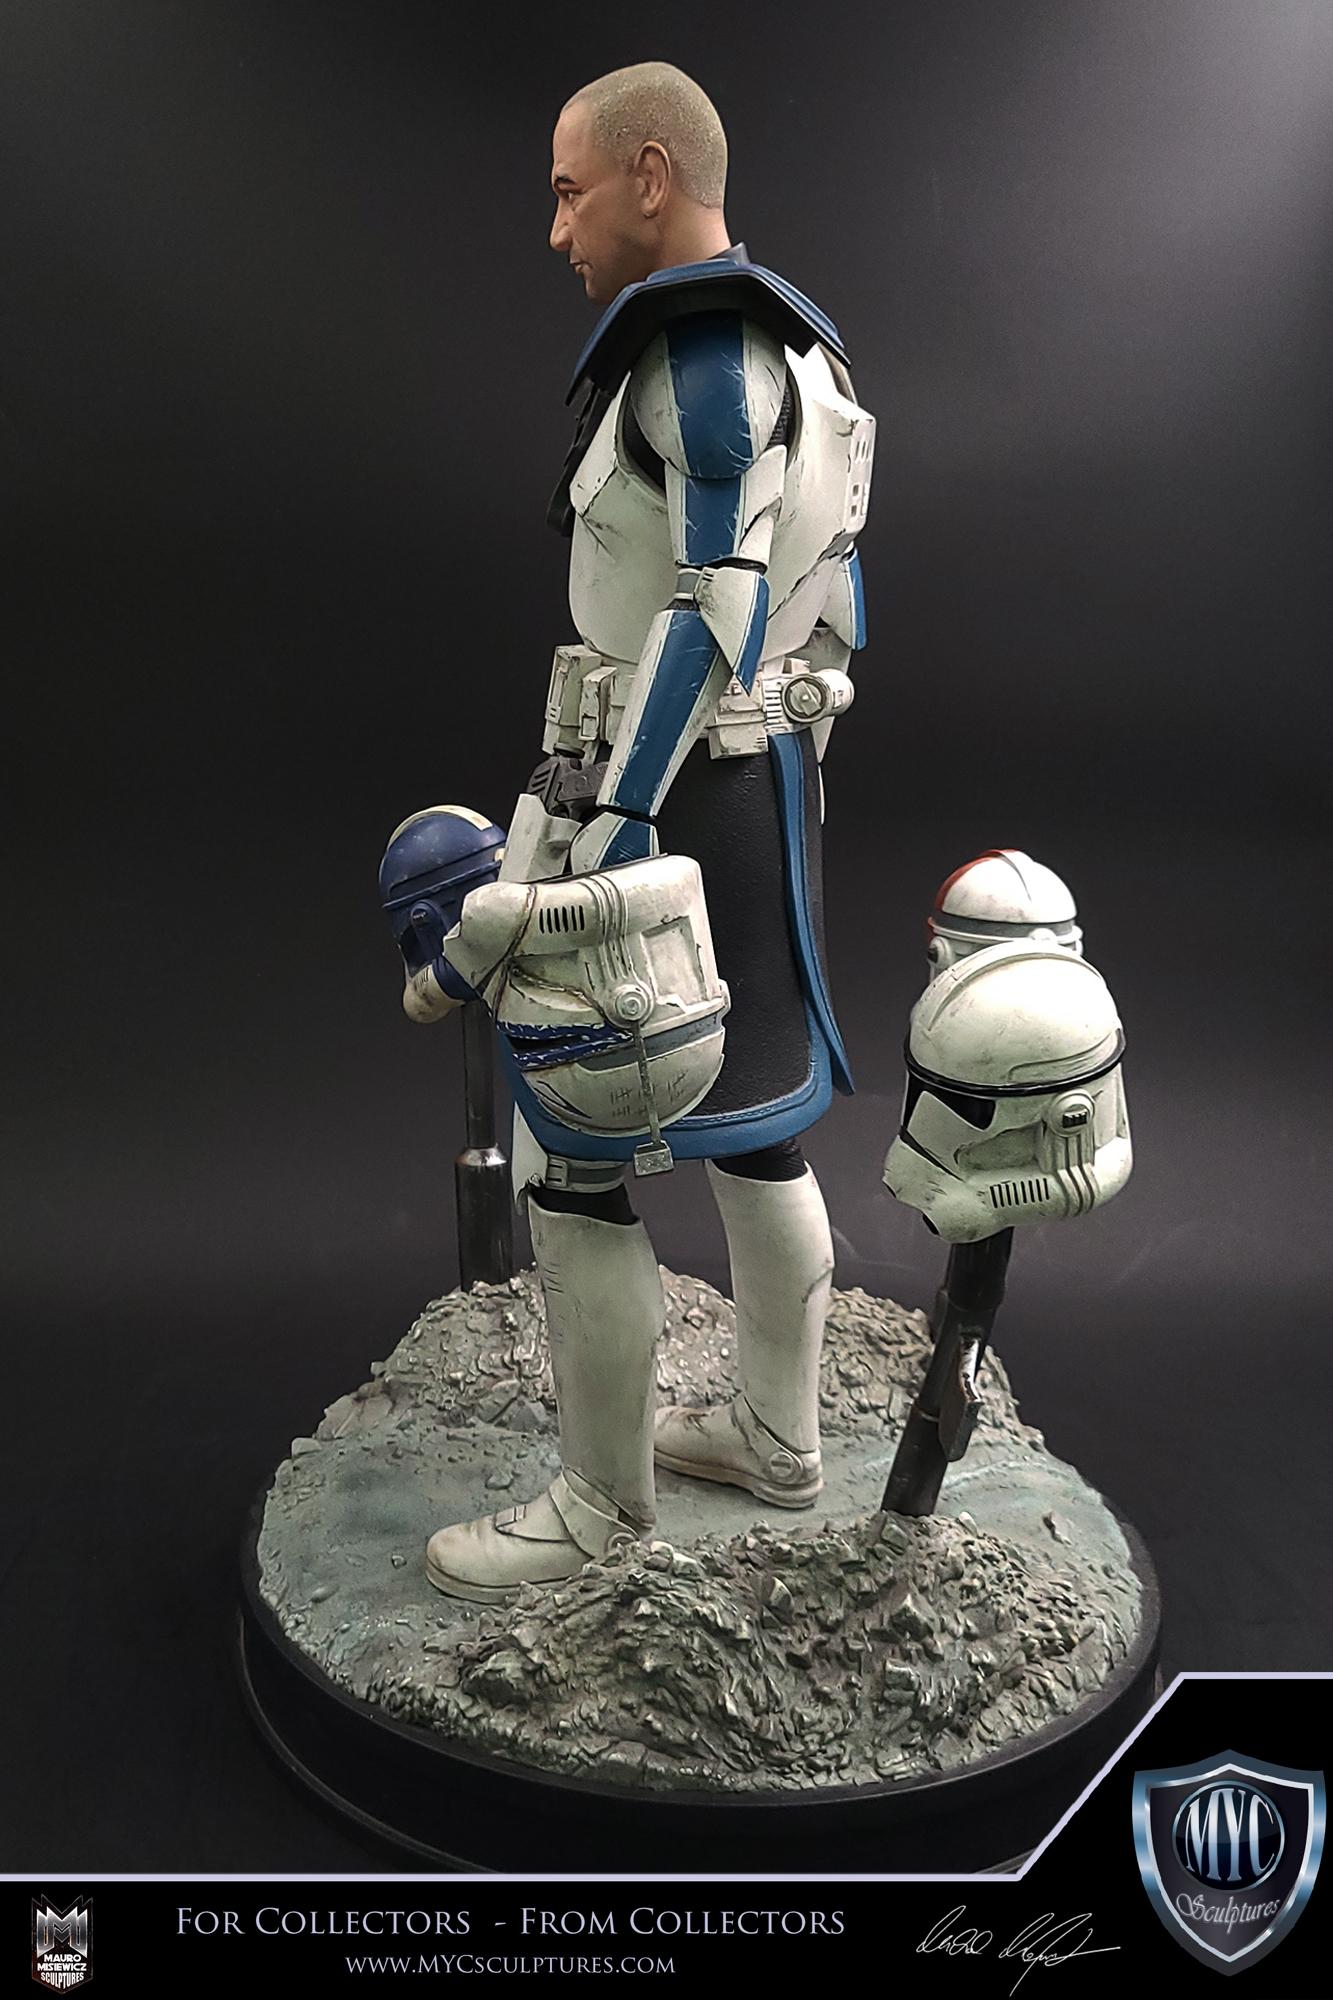 Captain_Rex_Statue_MYC_Sculptures_26